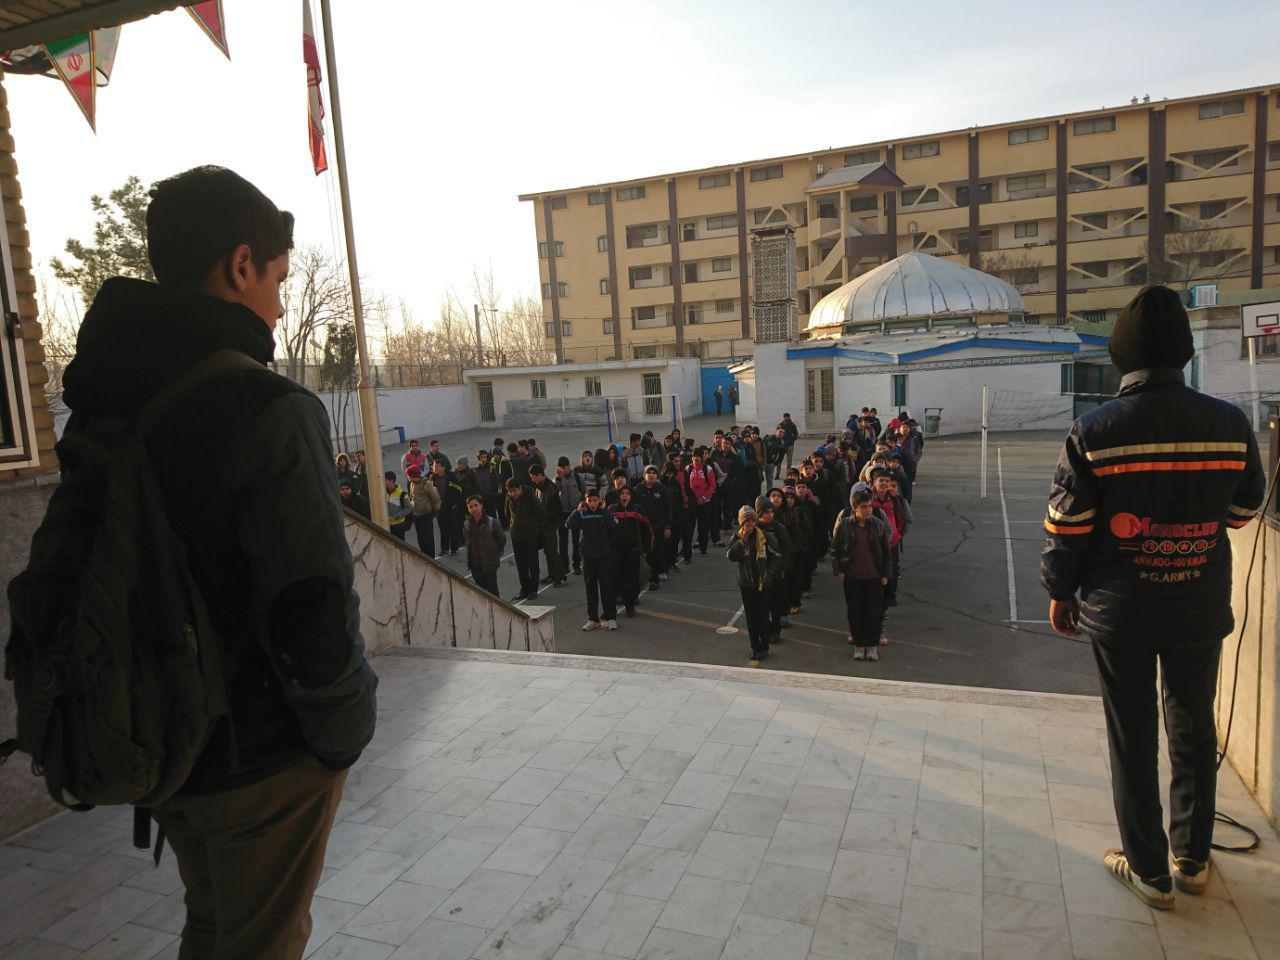 یک روز مدیریت دبیرستان به عهده ی دانش آموزان قرار داده شد.